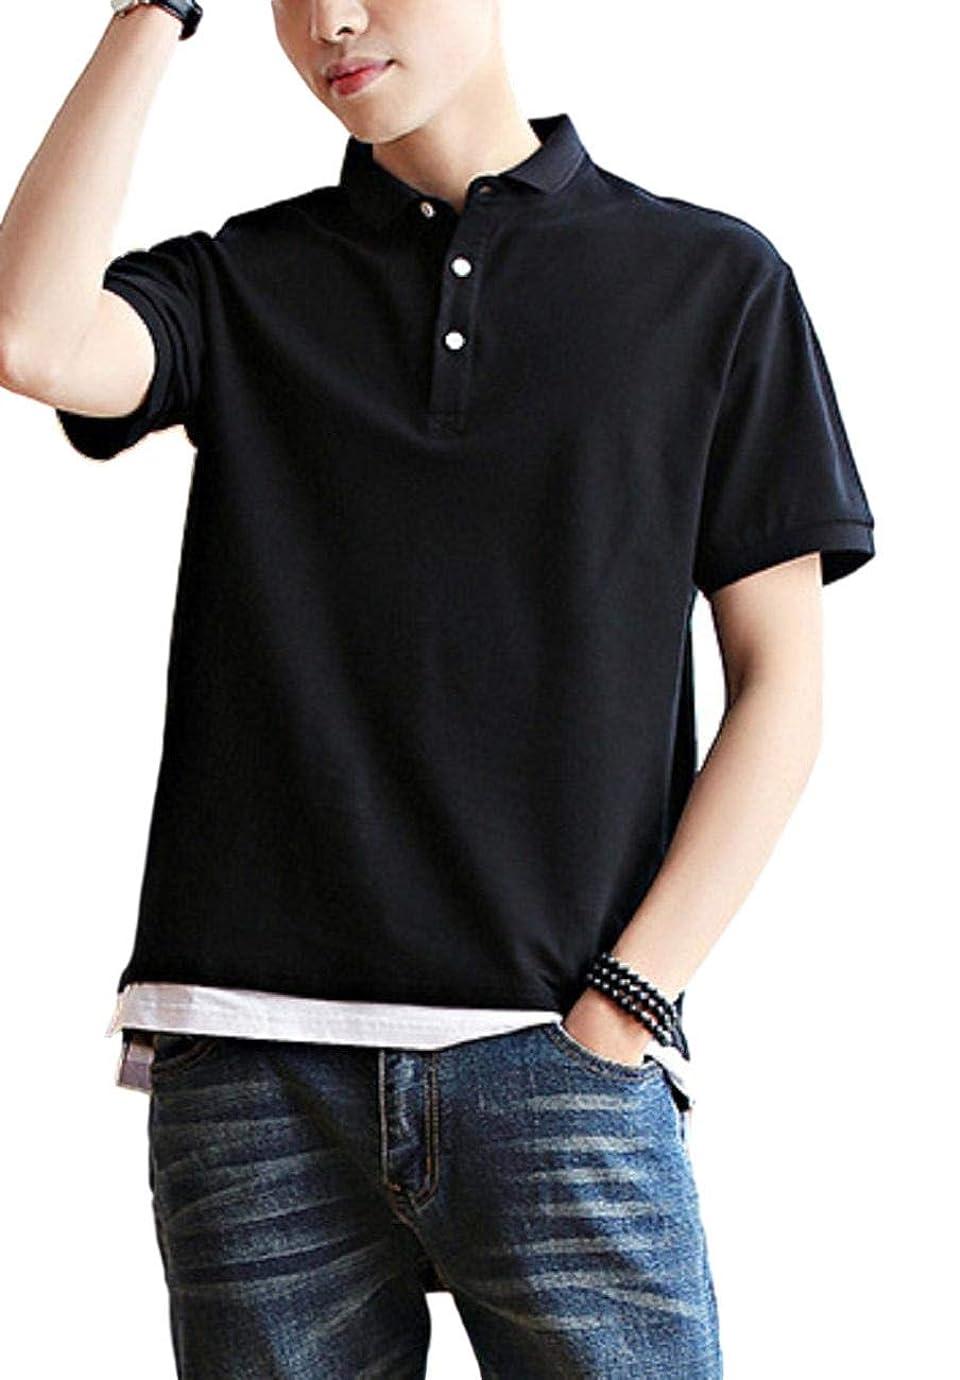 愛情深いいっぱいサーバント[ラルジュアルブル] ポロシャツ カラー カットソー 襟付き Tシャツ インナー アウター かっこいい シンプル カジュアル トップス